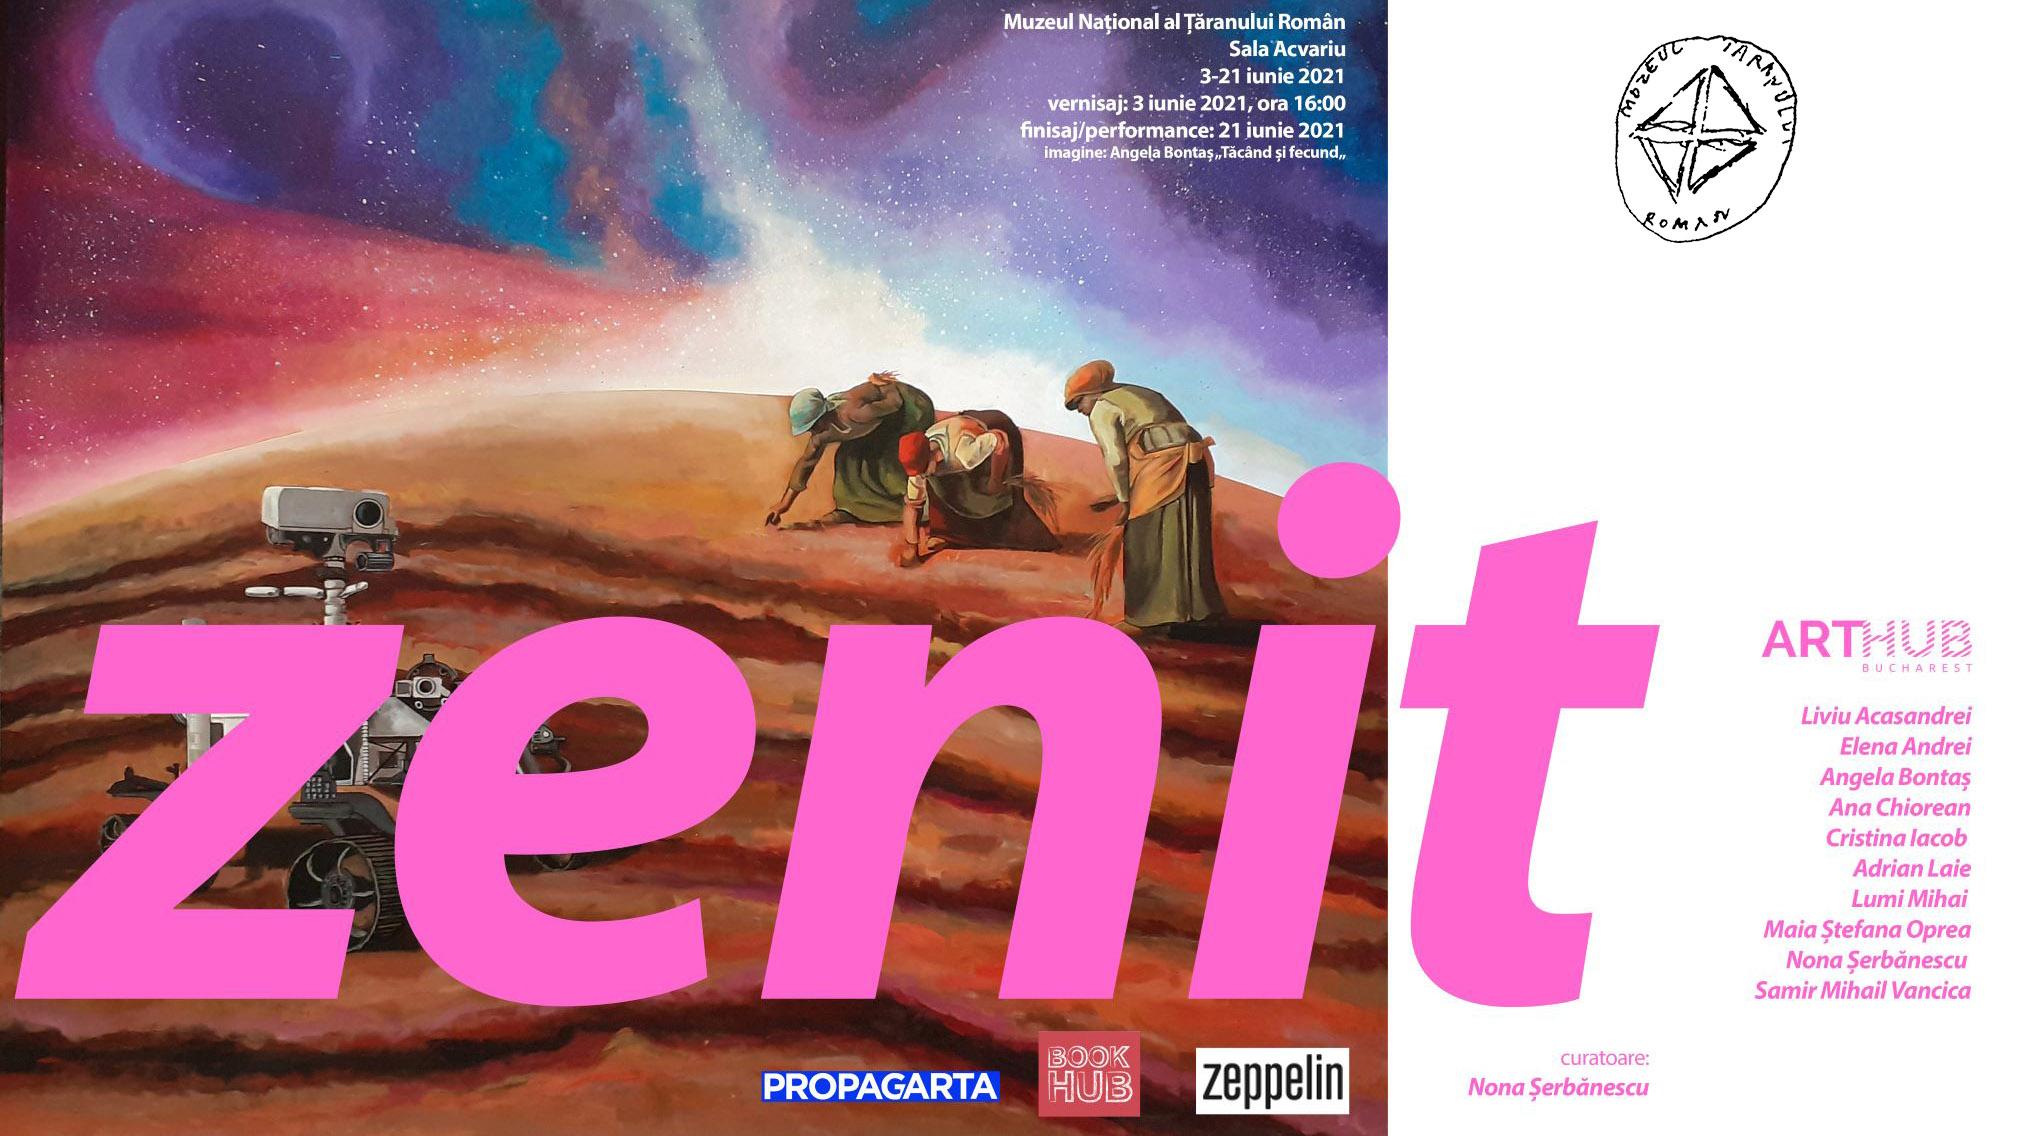 ZENIT - Expoziția colectivului ARTHUB Bucharest la MNȚR